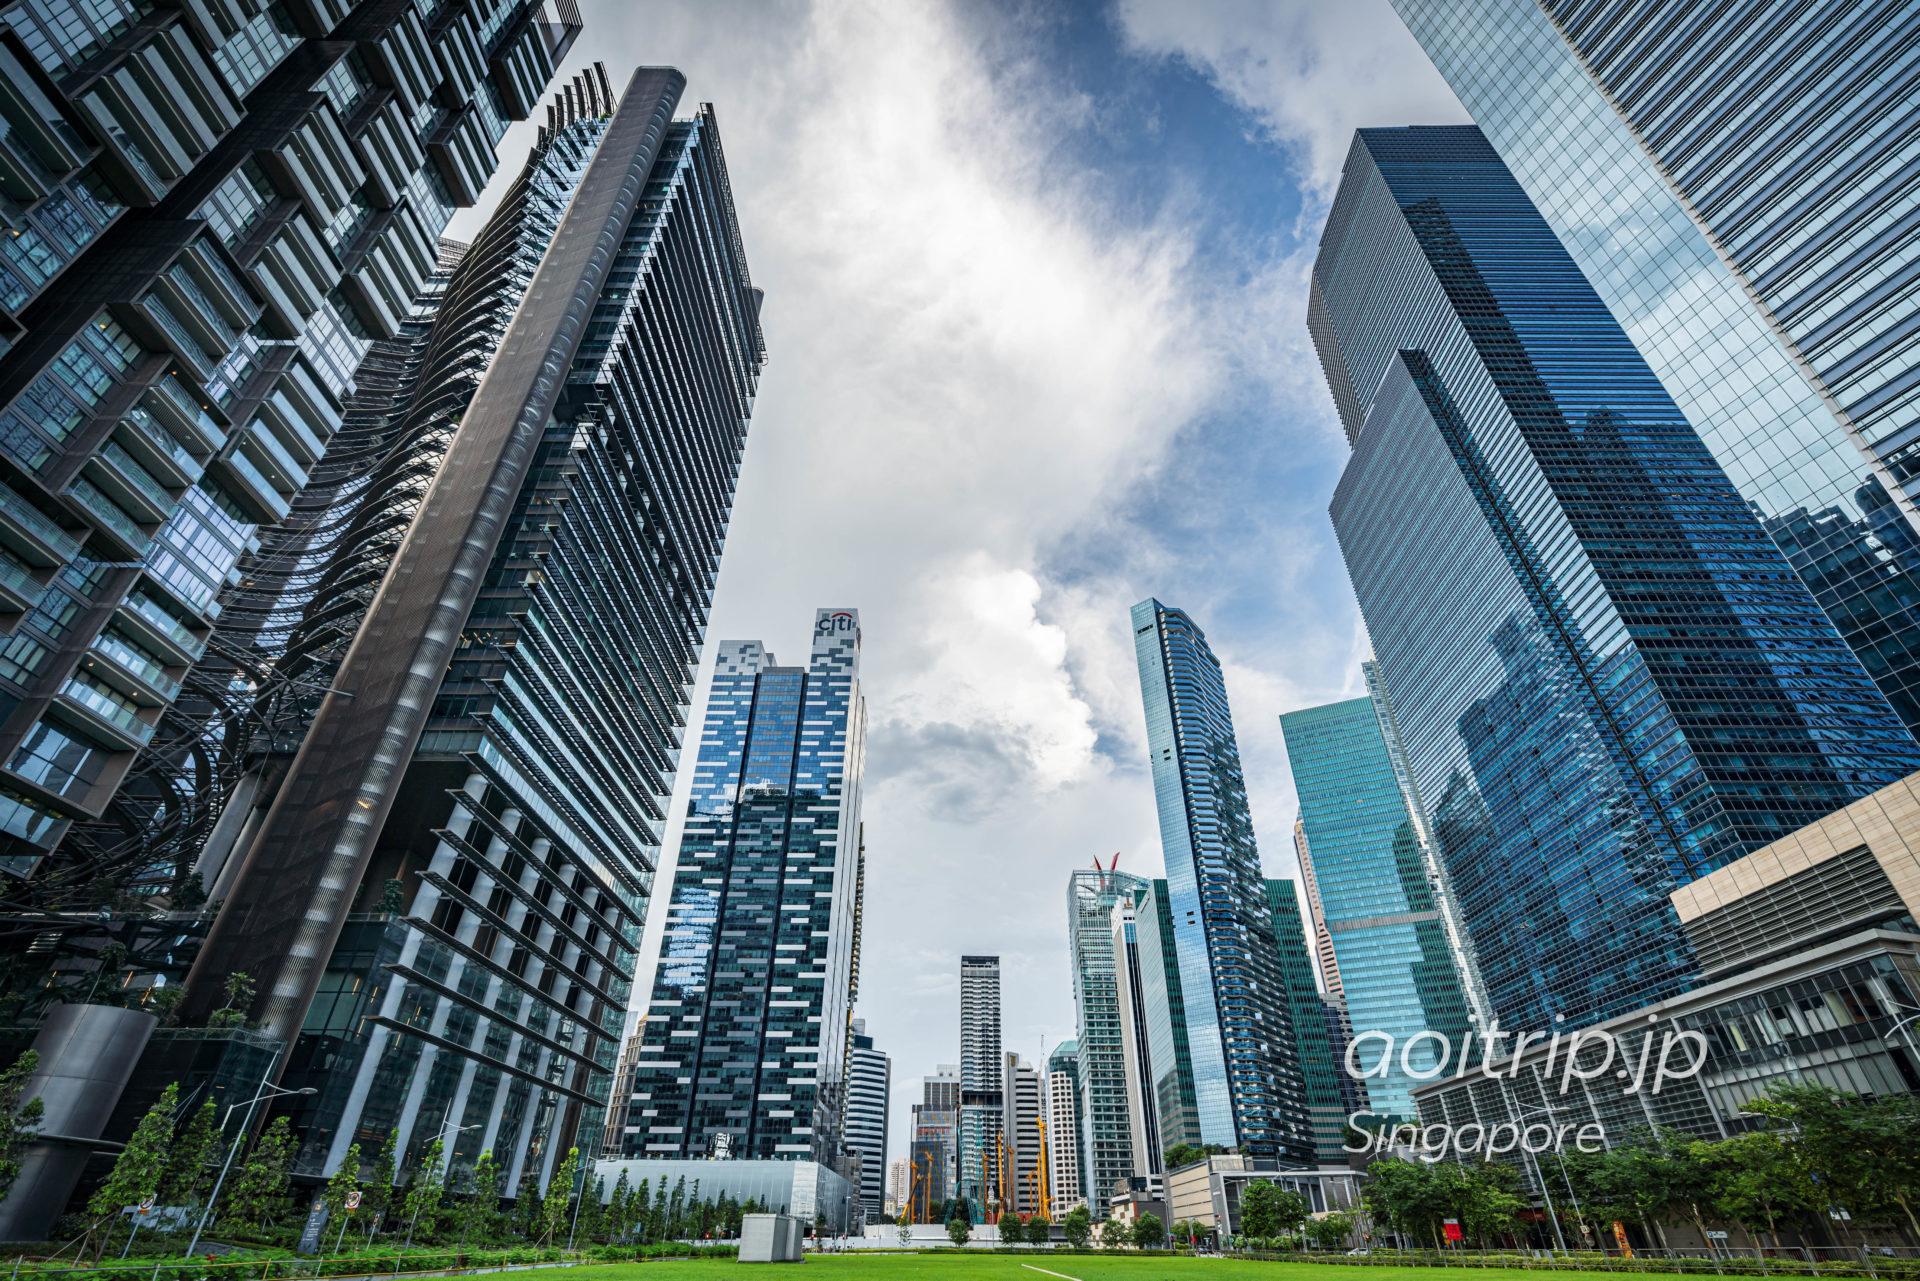 シンガポールのダウンタウン